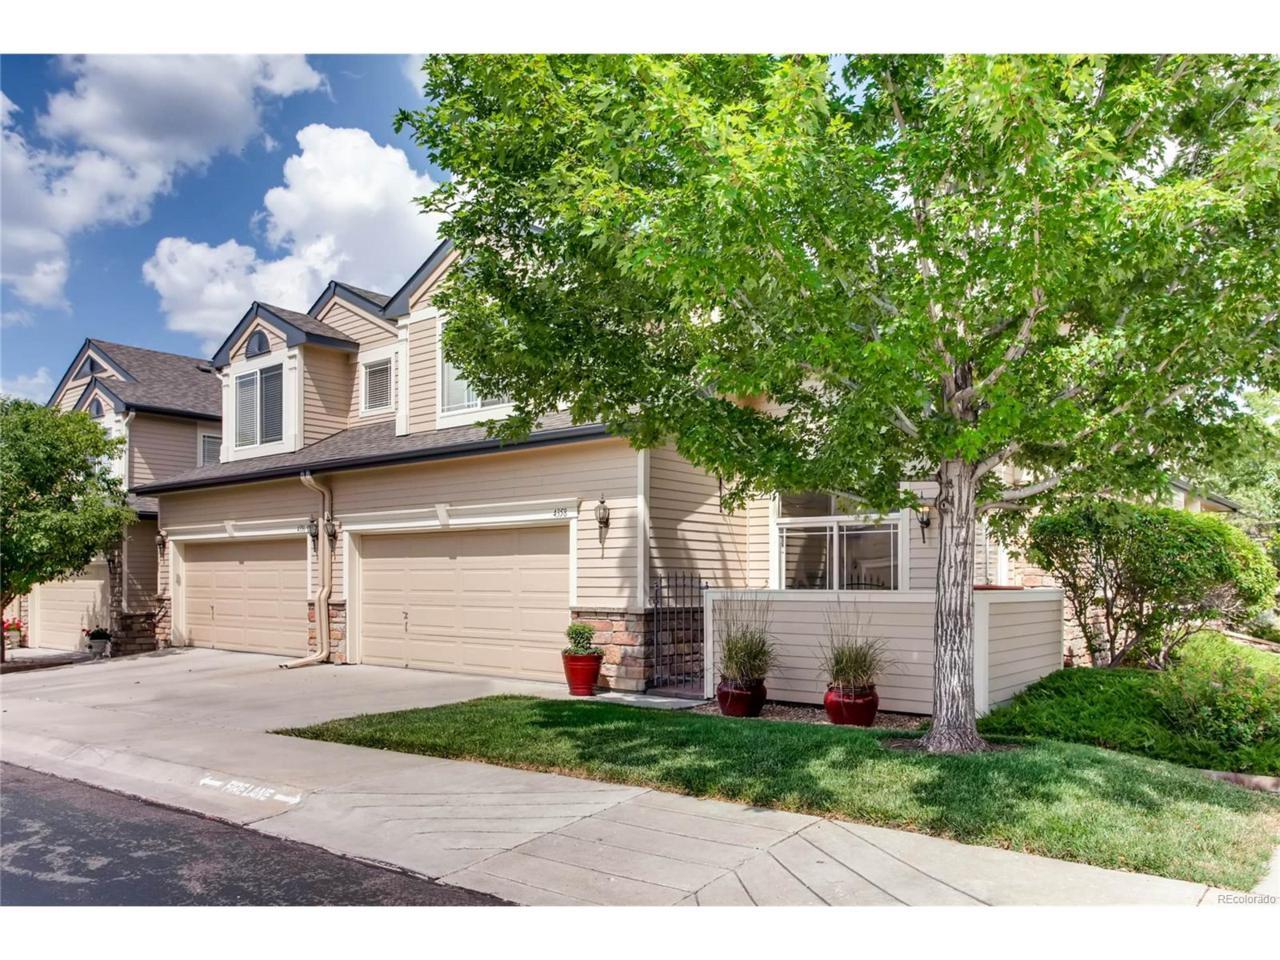 4358 S Quail Street, Littleton, CO 80127 (MLS #8102642) :: 8z Real Estate